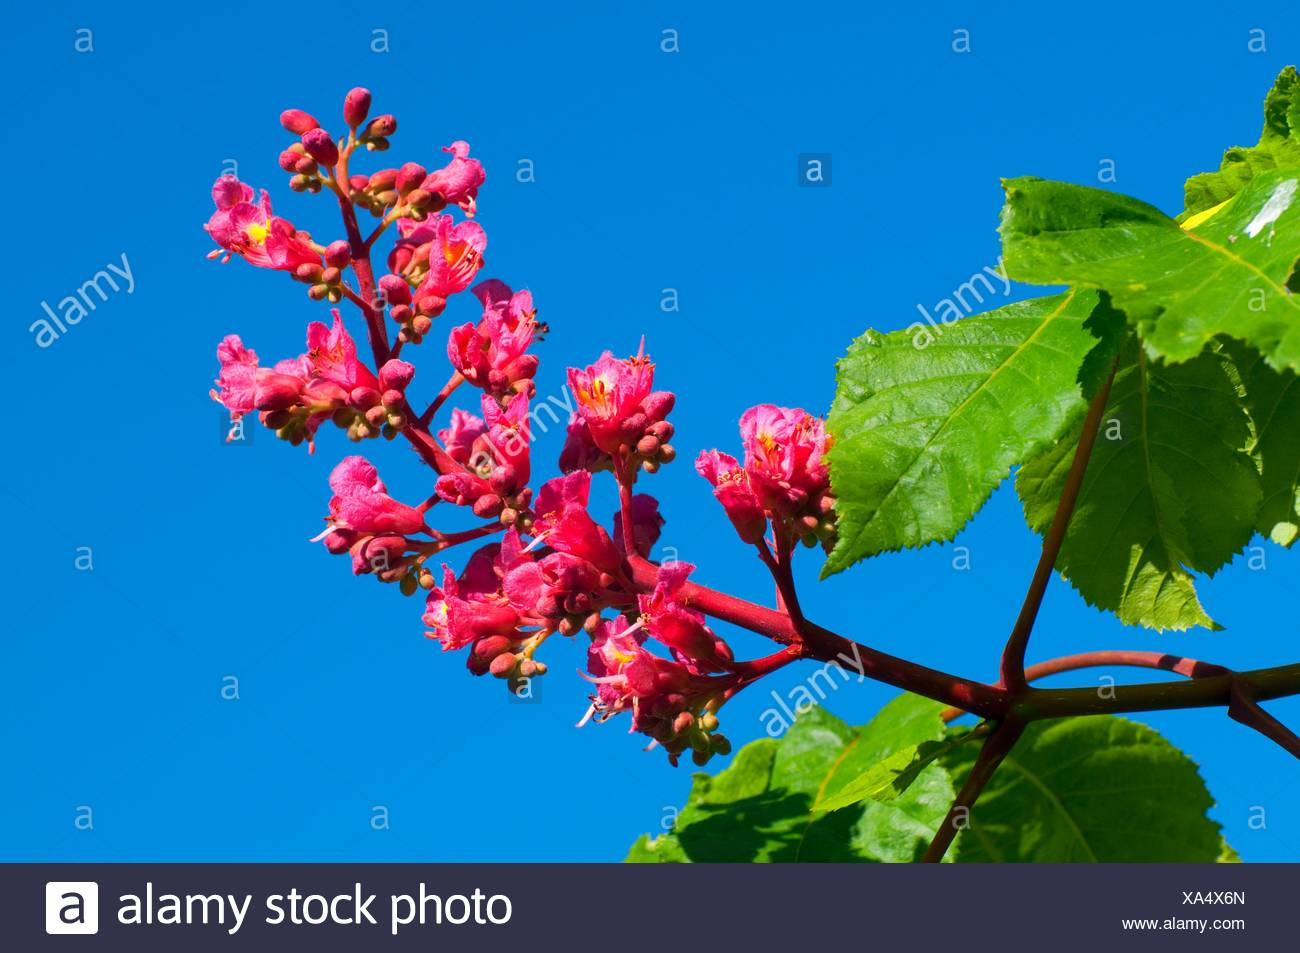 Red horse chestnut bloom (Aesculus hippocastanum), Bushs Pasture Park, Salem, Oregon. - Stock Image